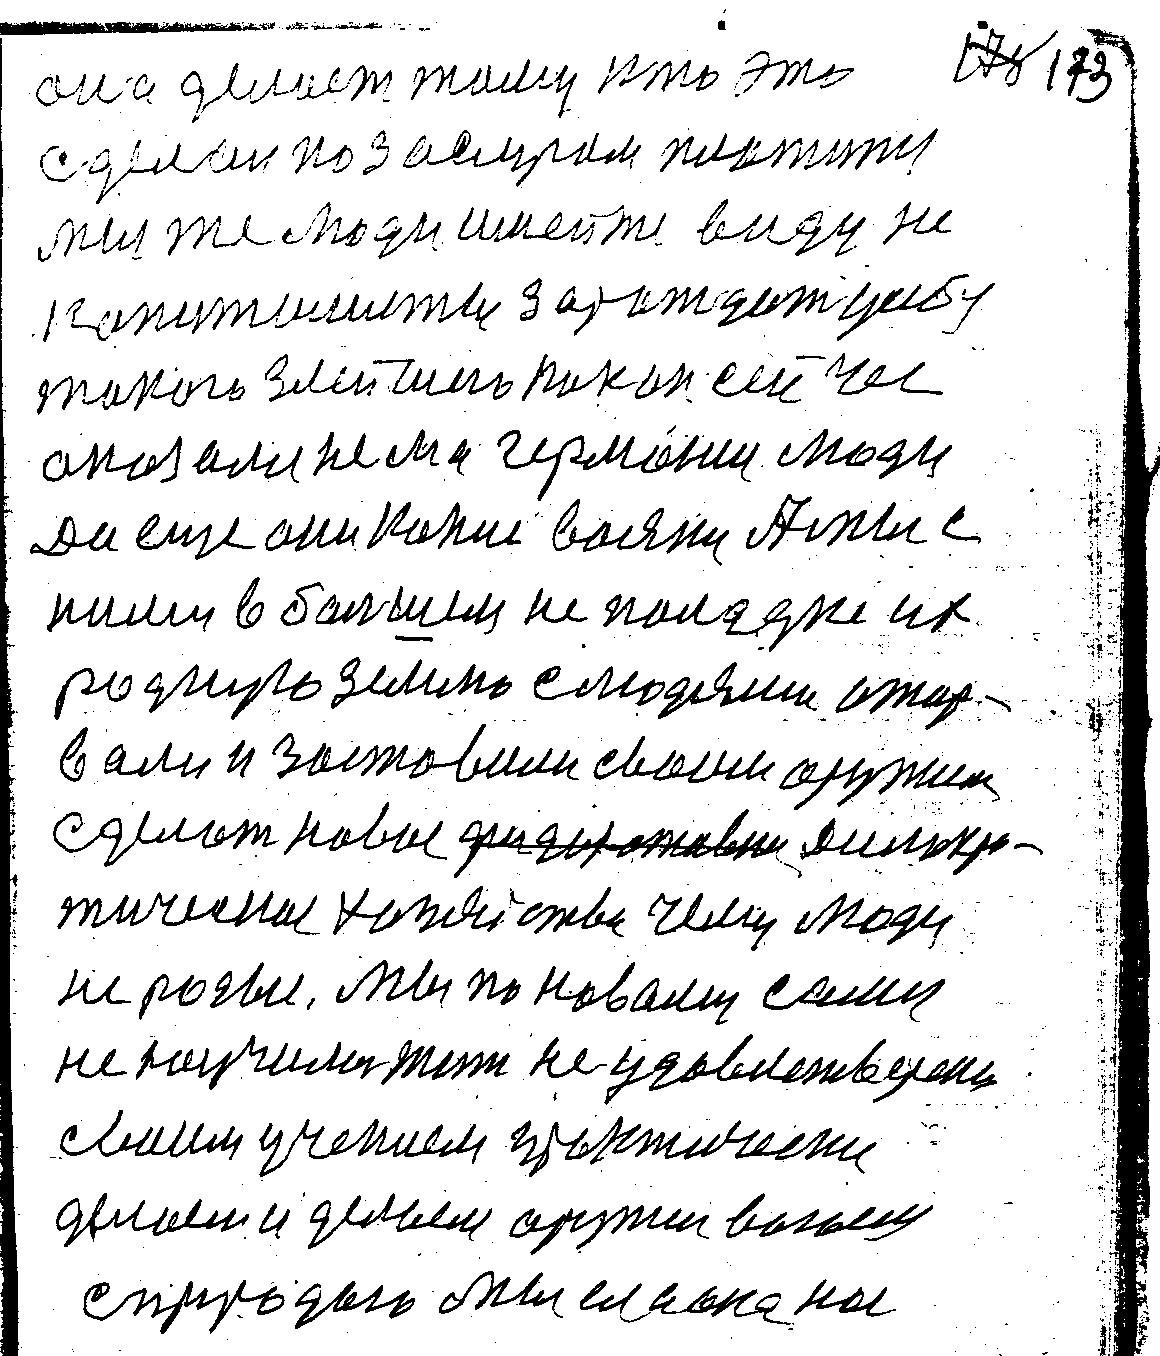 Str173.jpg